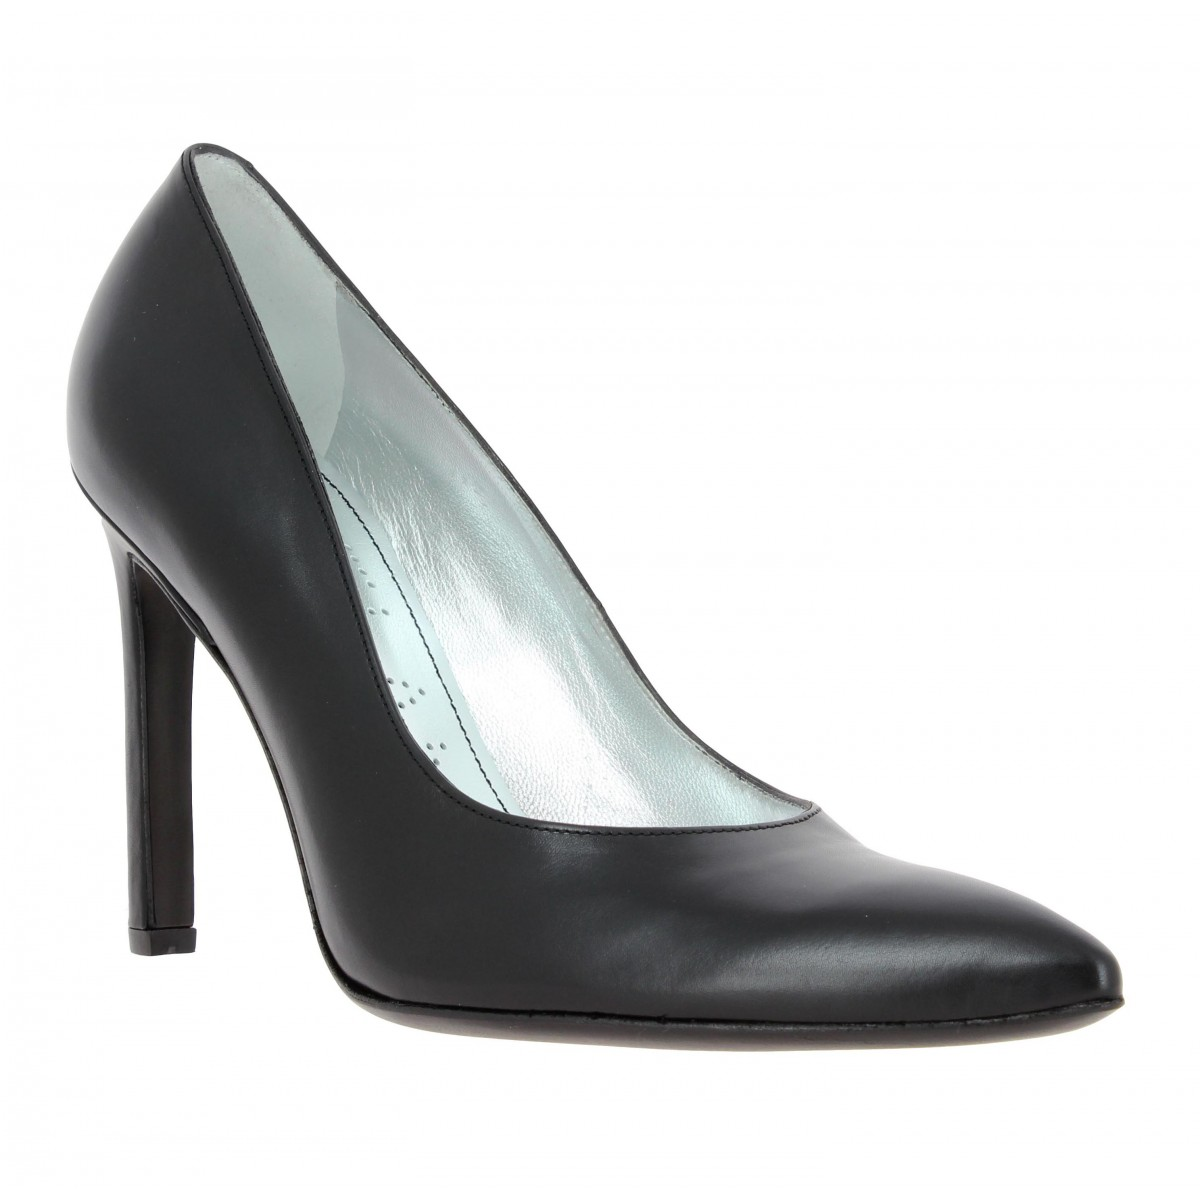 Escarpins FREE LANCE Forel 9 Pumps cuir Femme Noir